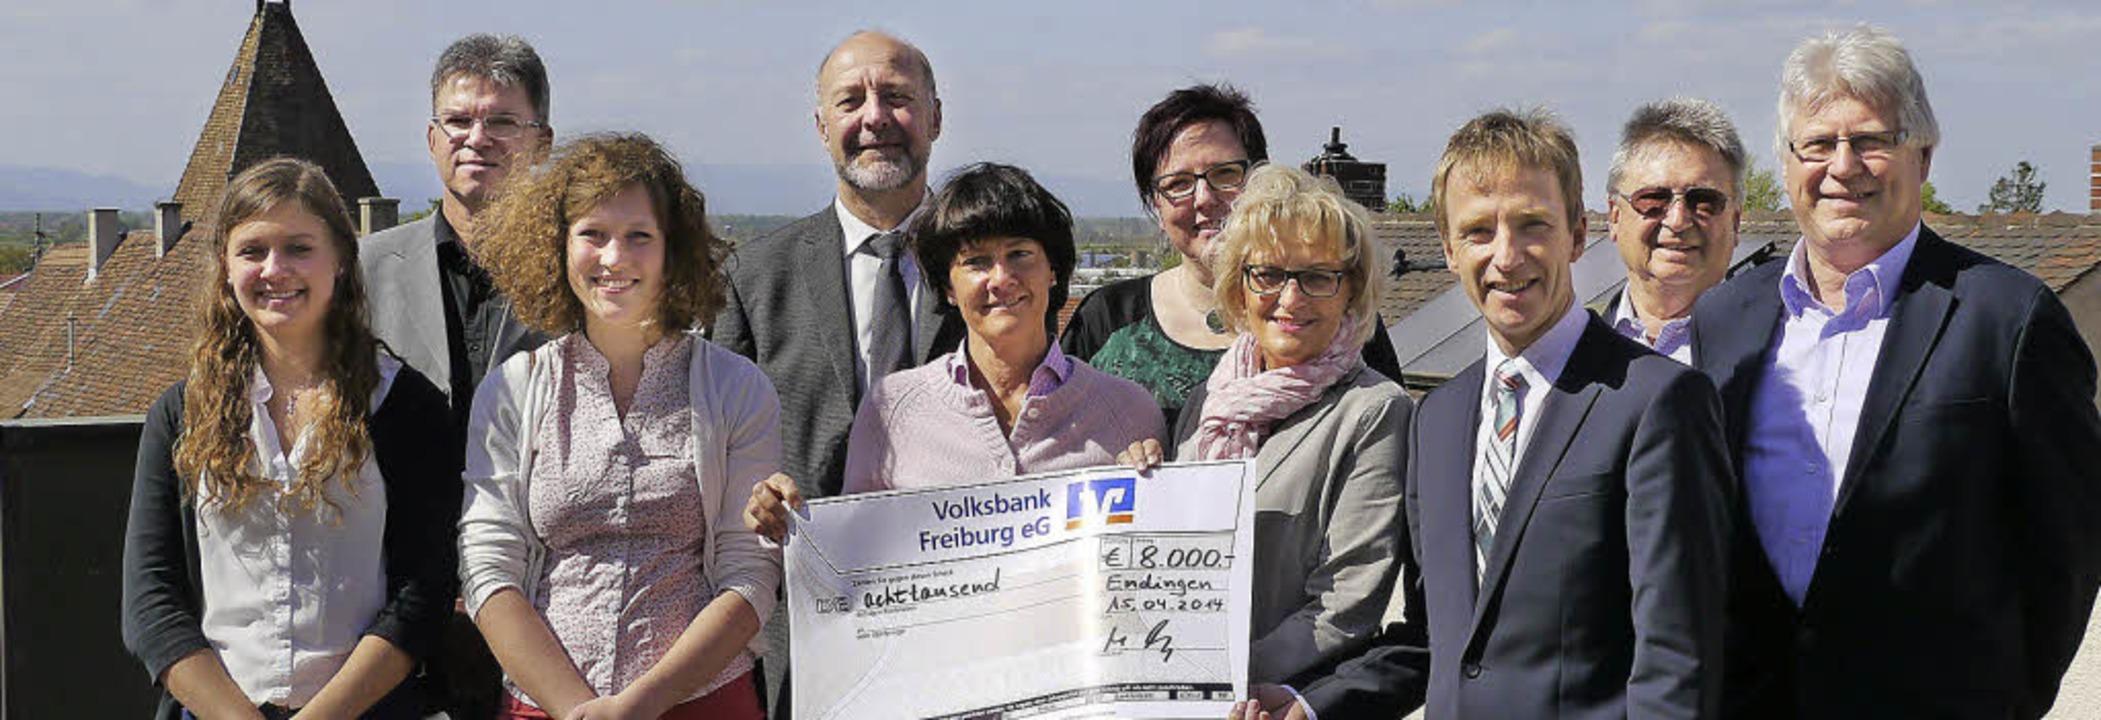 Mit 8000 Euro unterstützt die Volksban...nitiativen am nördlichen Kaiserstuhl.   | Foto: Christel Hülter-Hassler